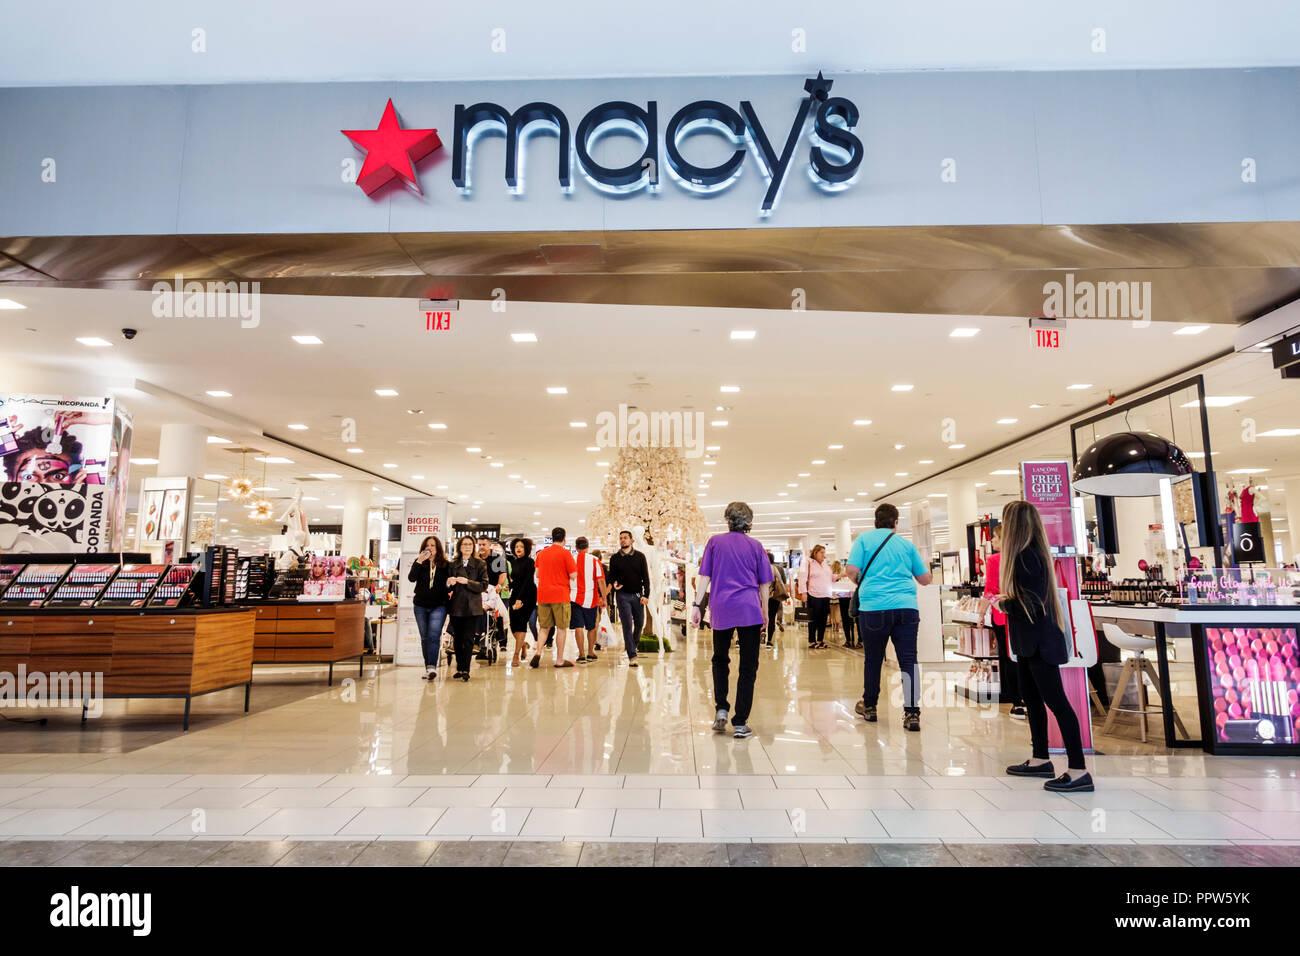 c850b8fcf4 Floride Miami Dadeland Mall Kendall shopping du grand magasin Macy's à l' intérieur de porte d'entrée